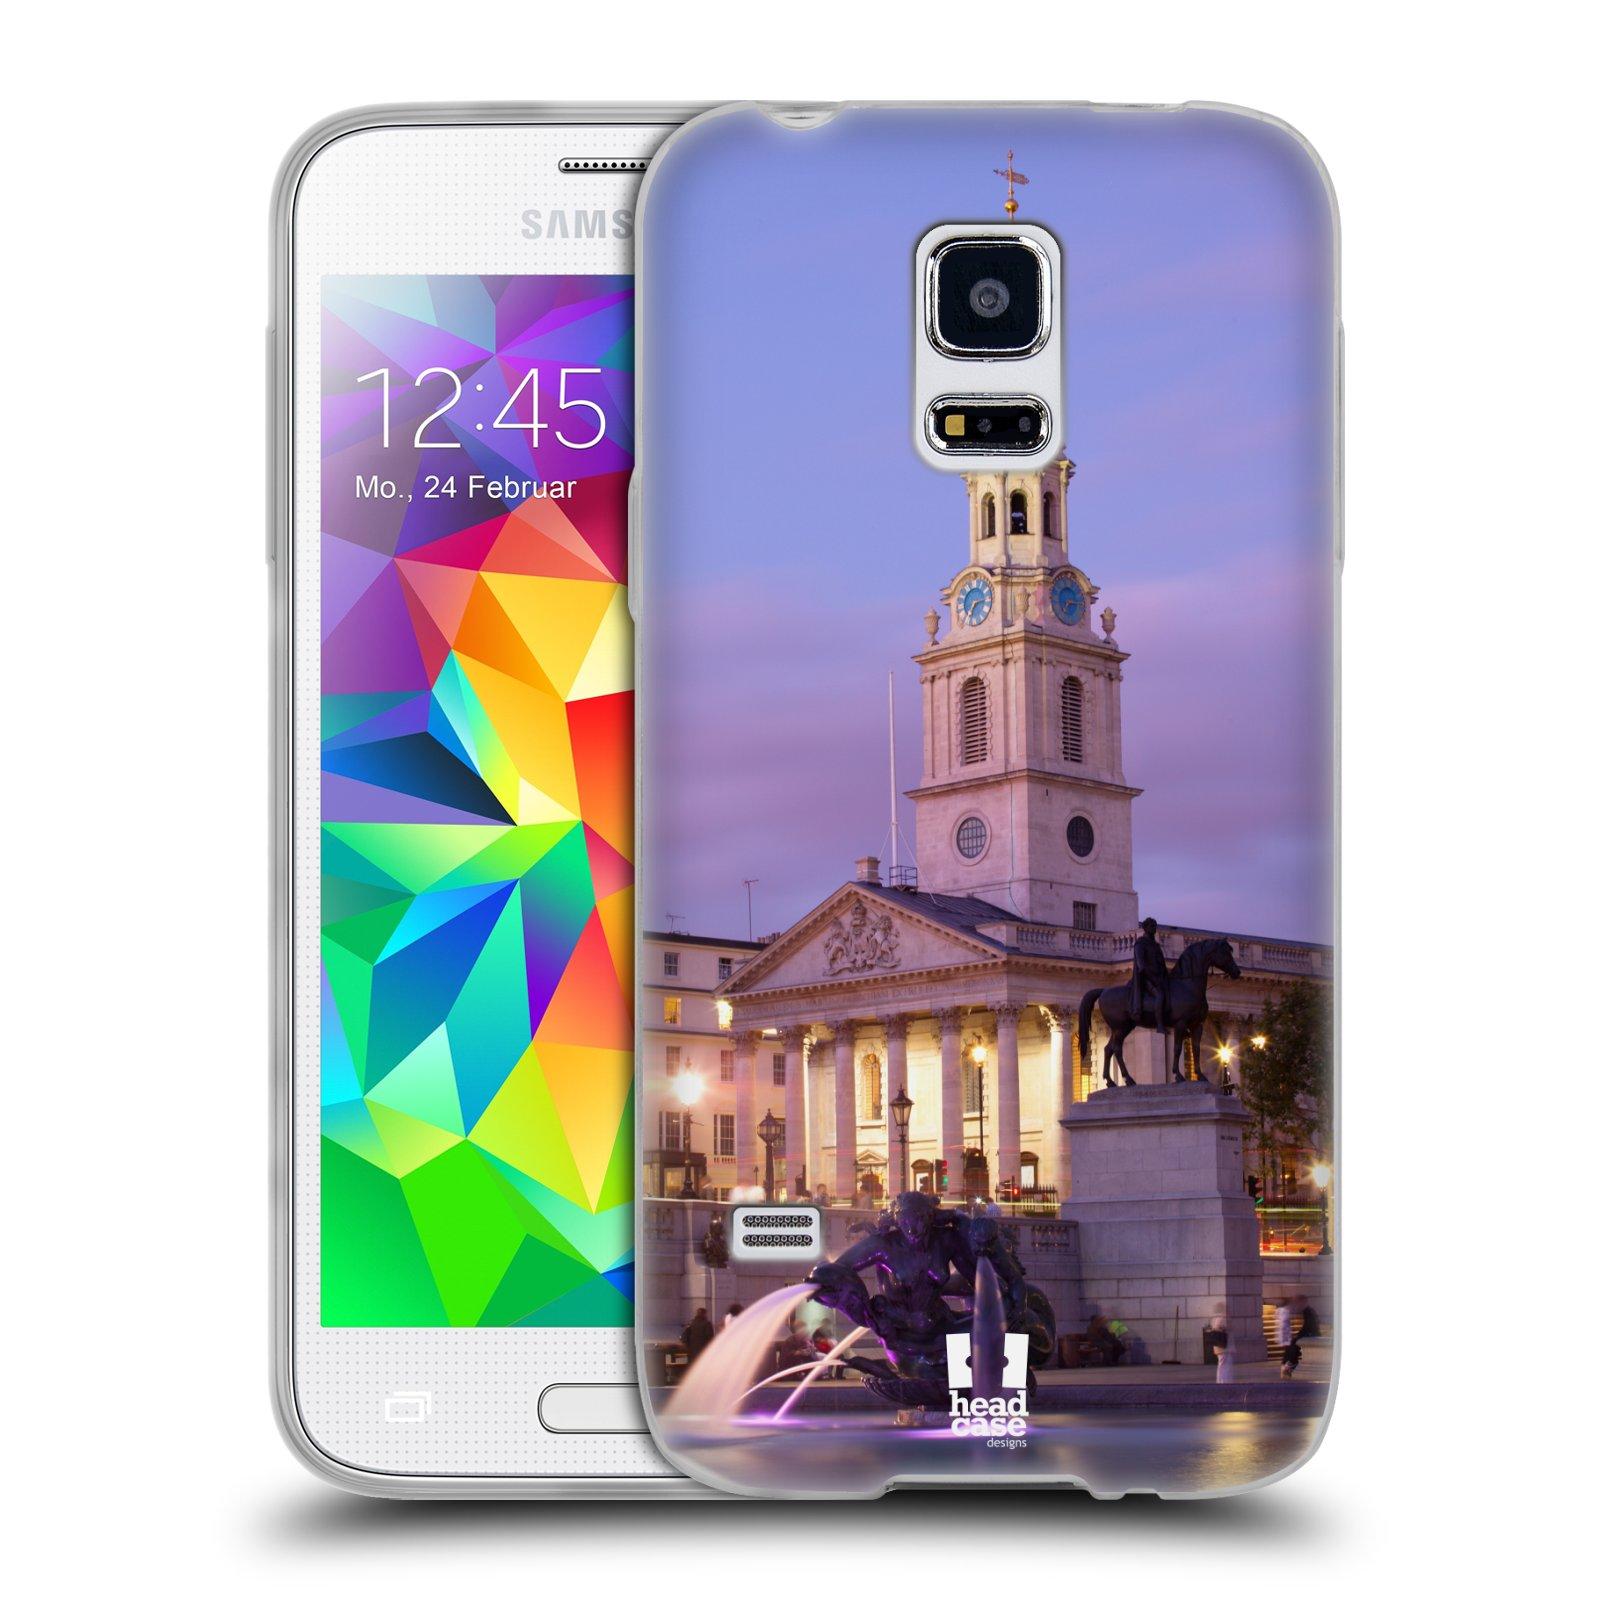 HEAD CASE silikonový obal na mobil Samsung Galaxy S5 MINI vzor Města foto náměstí ANGLIE, LONDÝN, TRAFALGAR VĚŽ HODINY